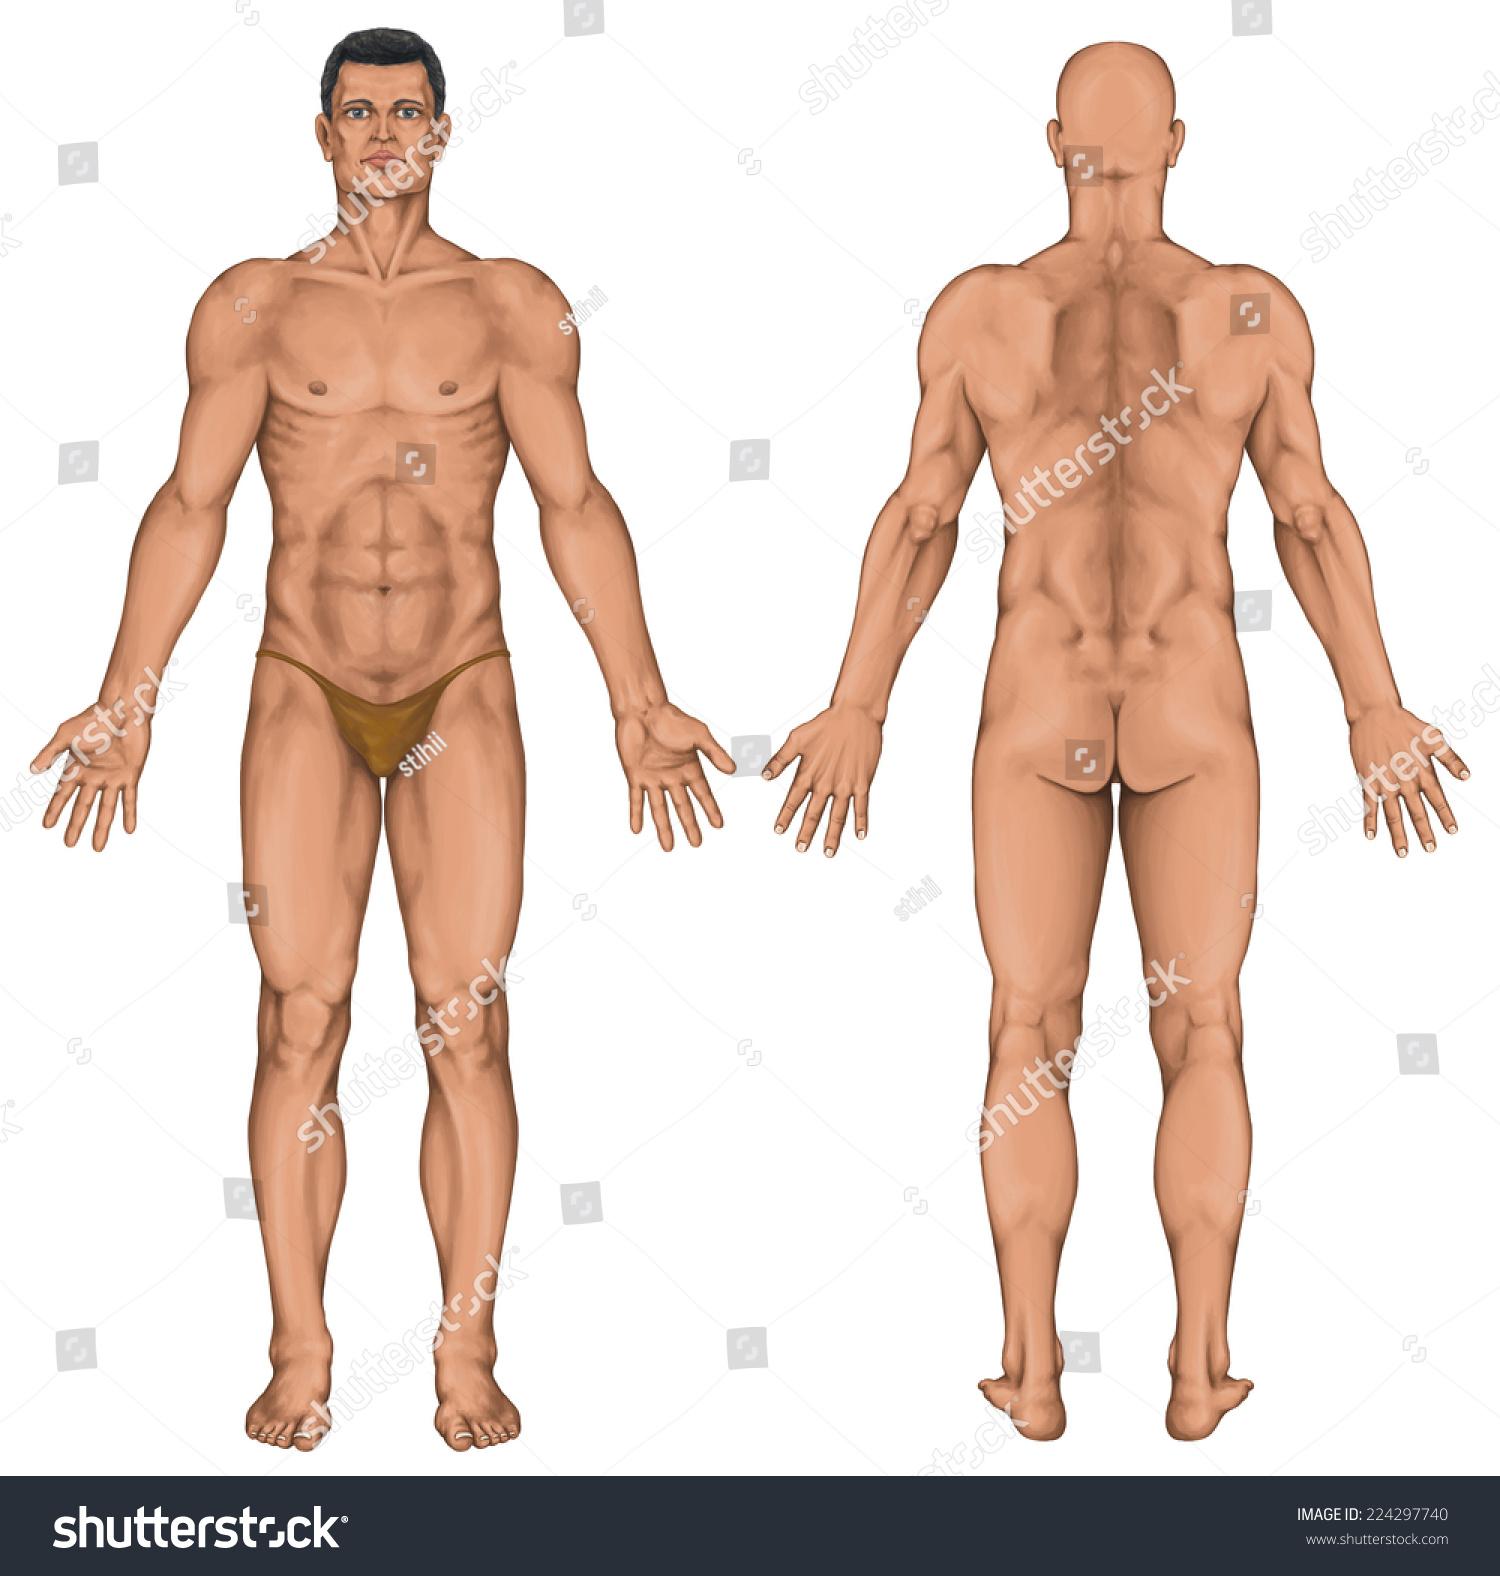 male anatomical body surface anatomy human stock illustration, Human Body